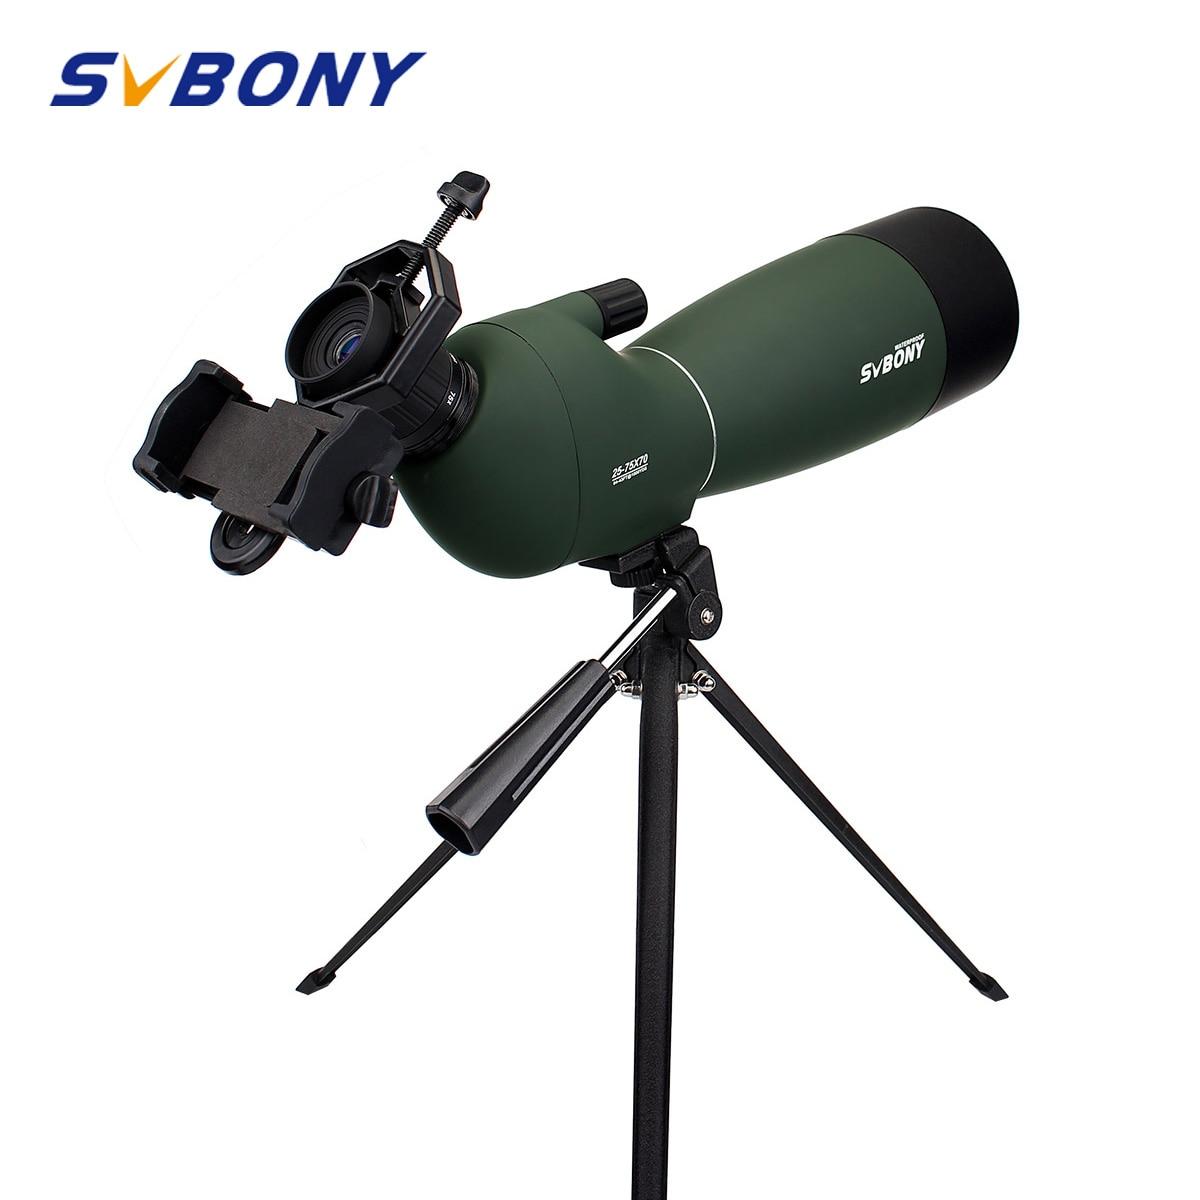 Svbony SV28 50/60/70mm lingkup bercak Zoom Teleskop Tahan Air Birdwatch Berburu Bermata & Universal Ponsel Adaptor mountF9308 optik luar ruangan untuk berburu, menembak, memanah, mengamati burung,